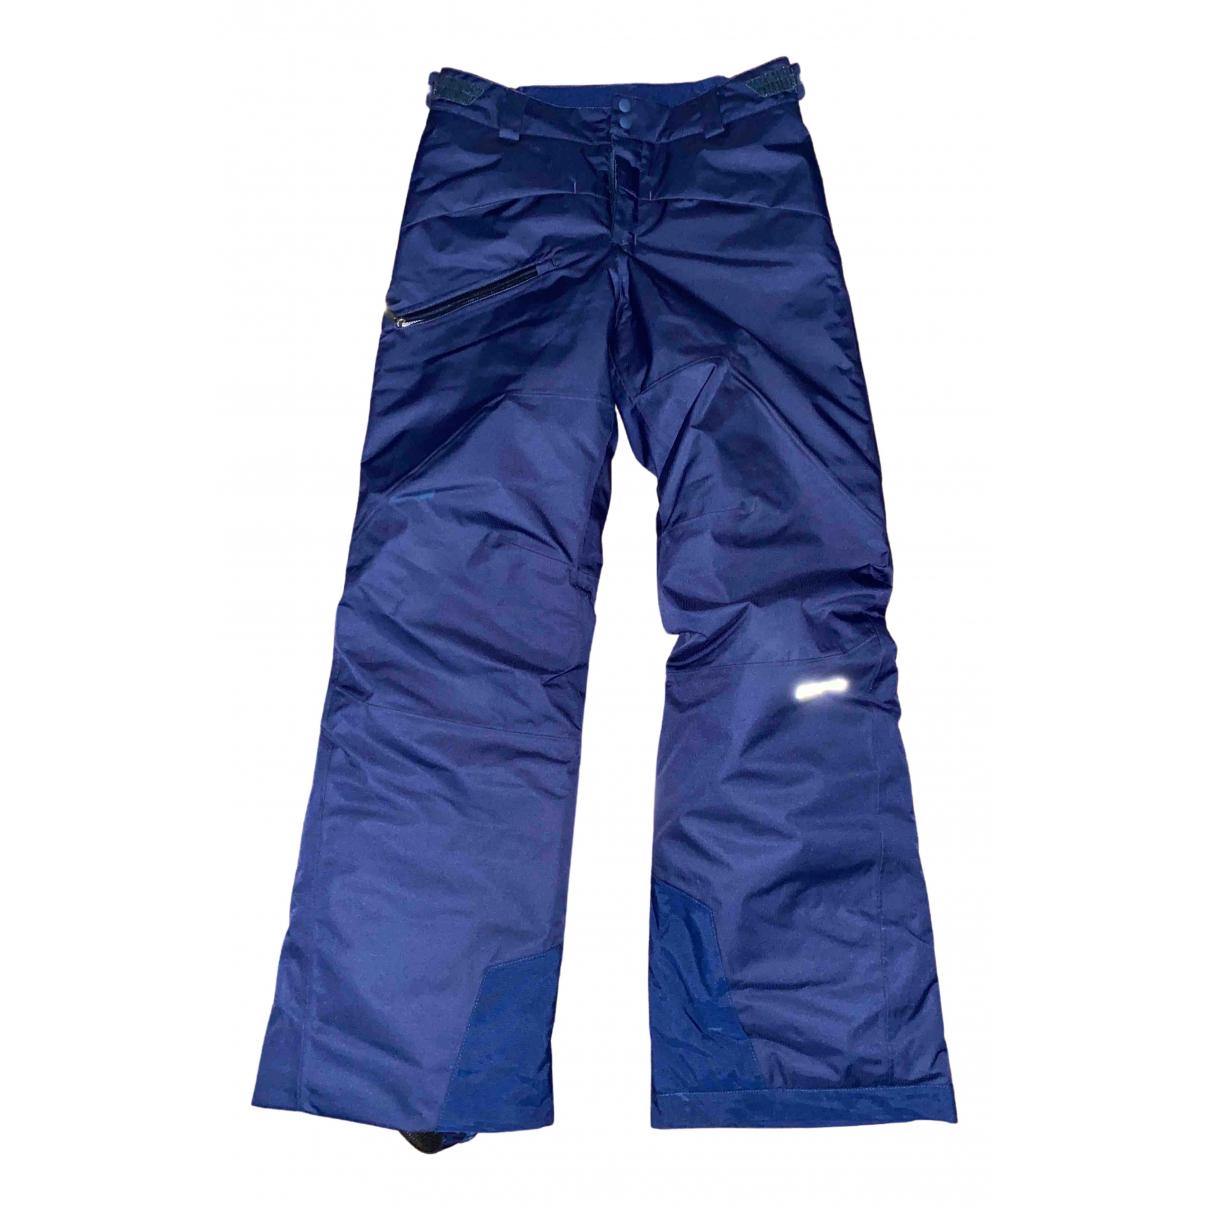 Patagonia - Pantalon   pour enfant - bleu